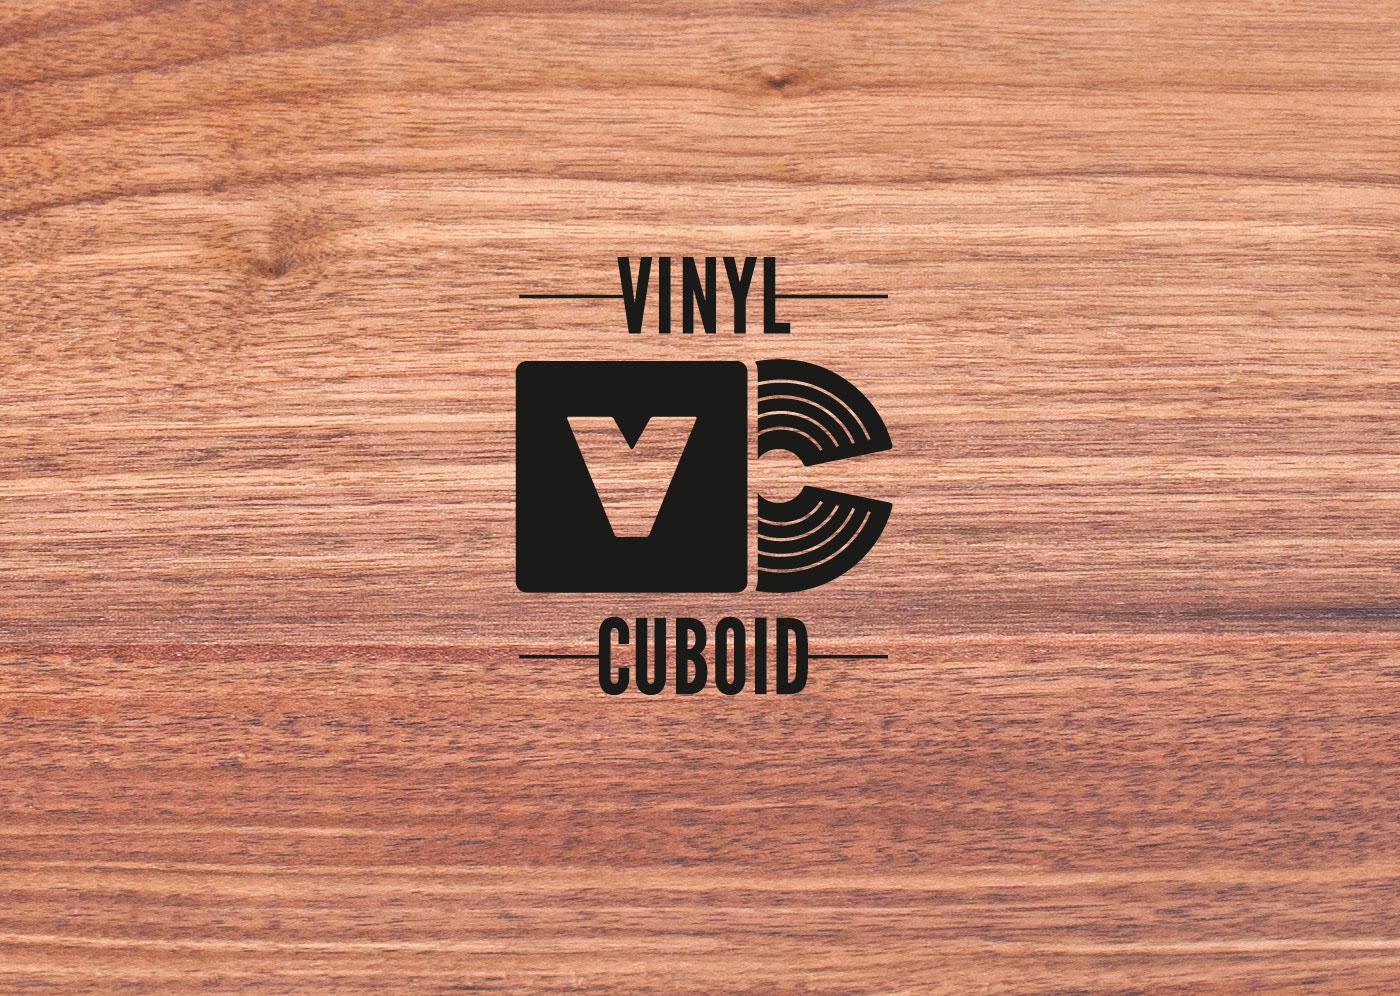 vinyl Shelf storage wood Magnetic package music